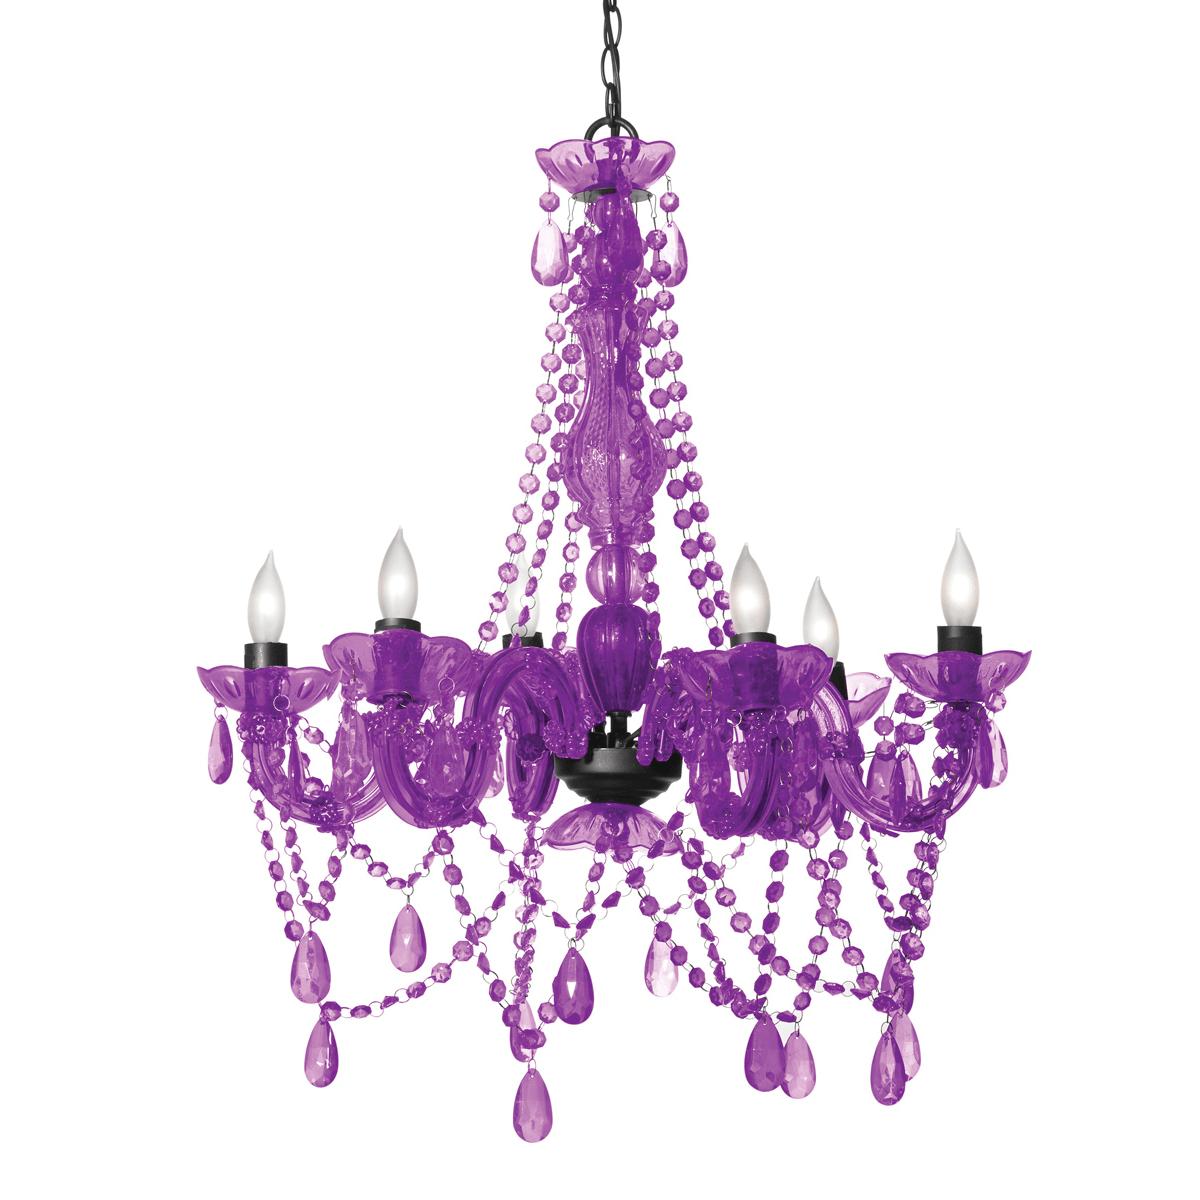 Purple plug in chandelier